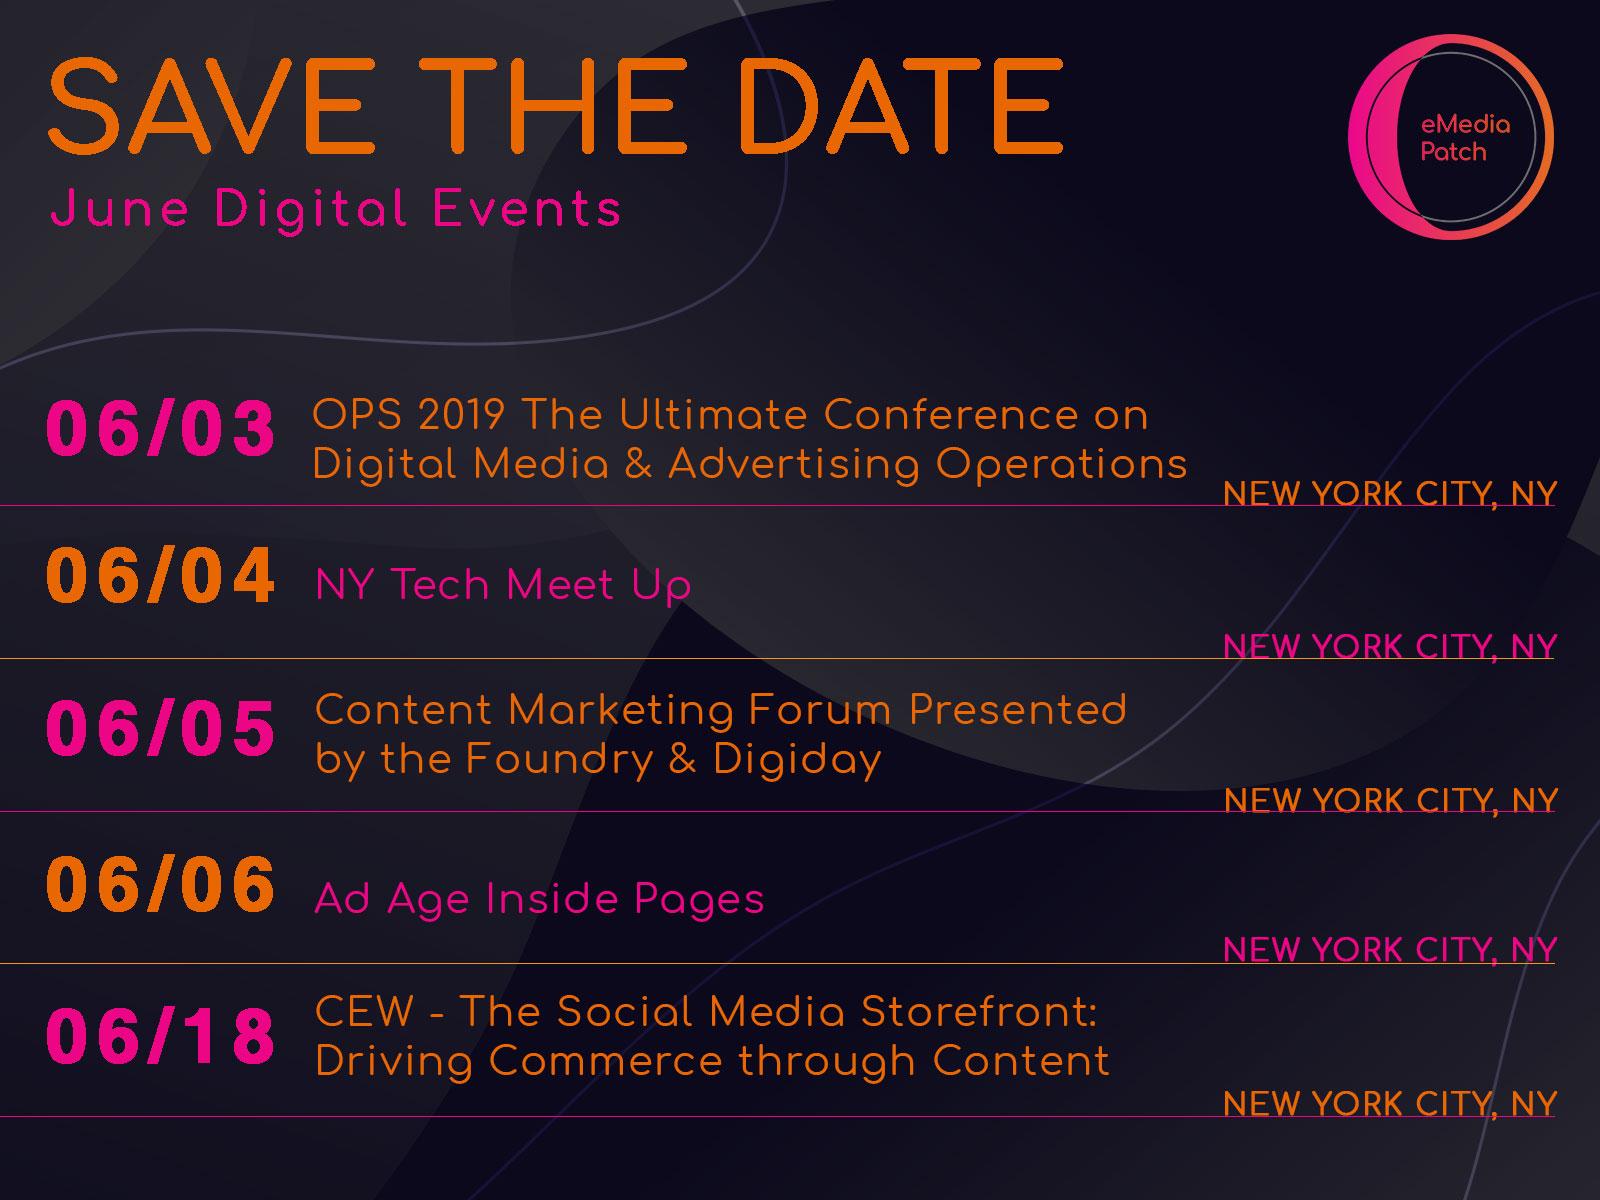 June Digital Events